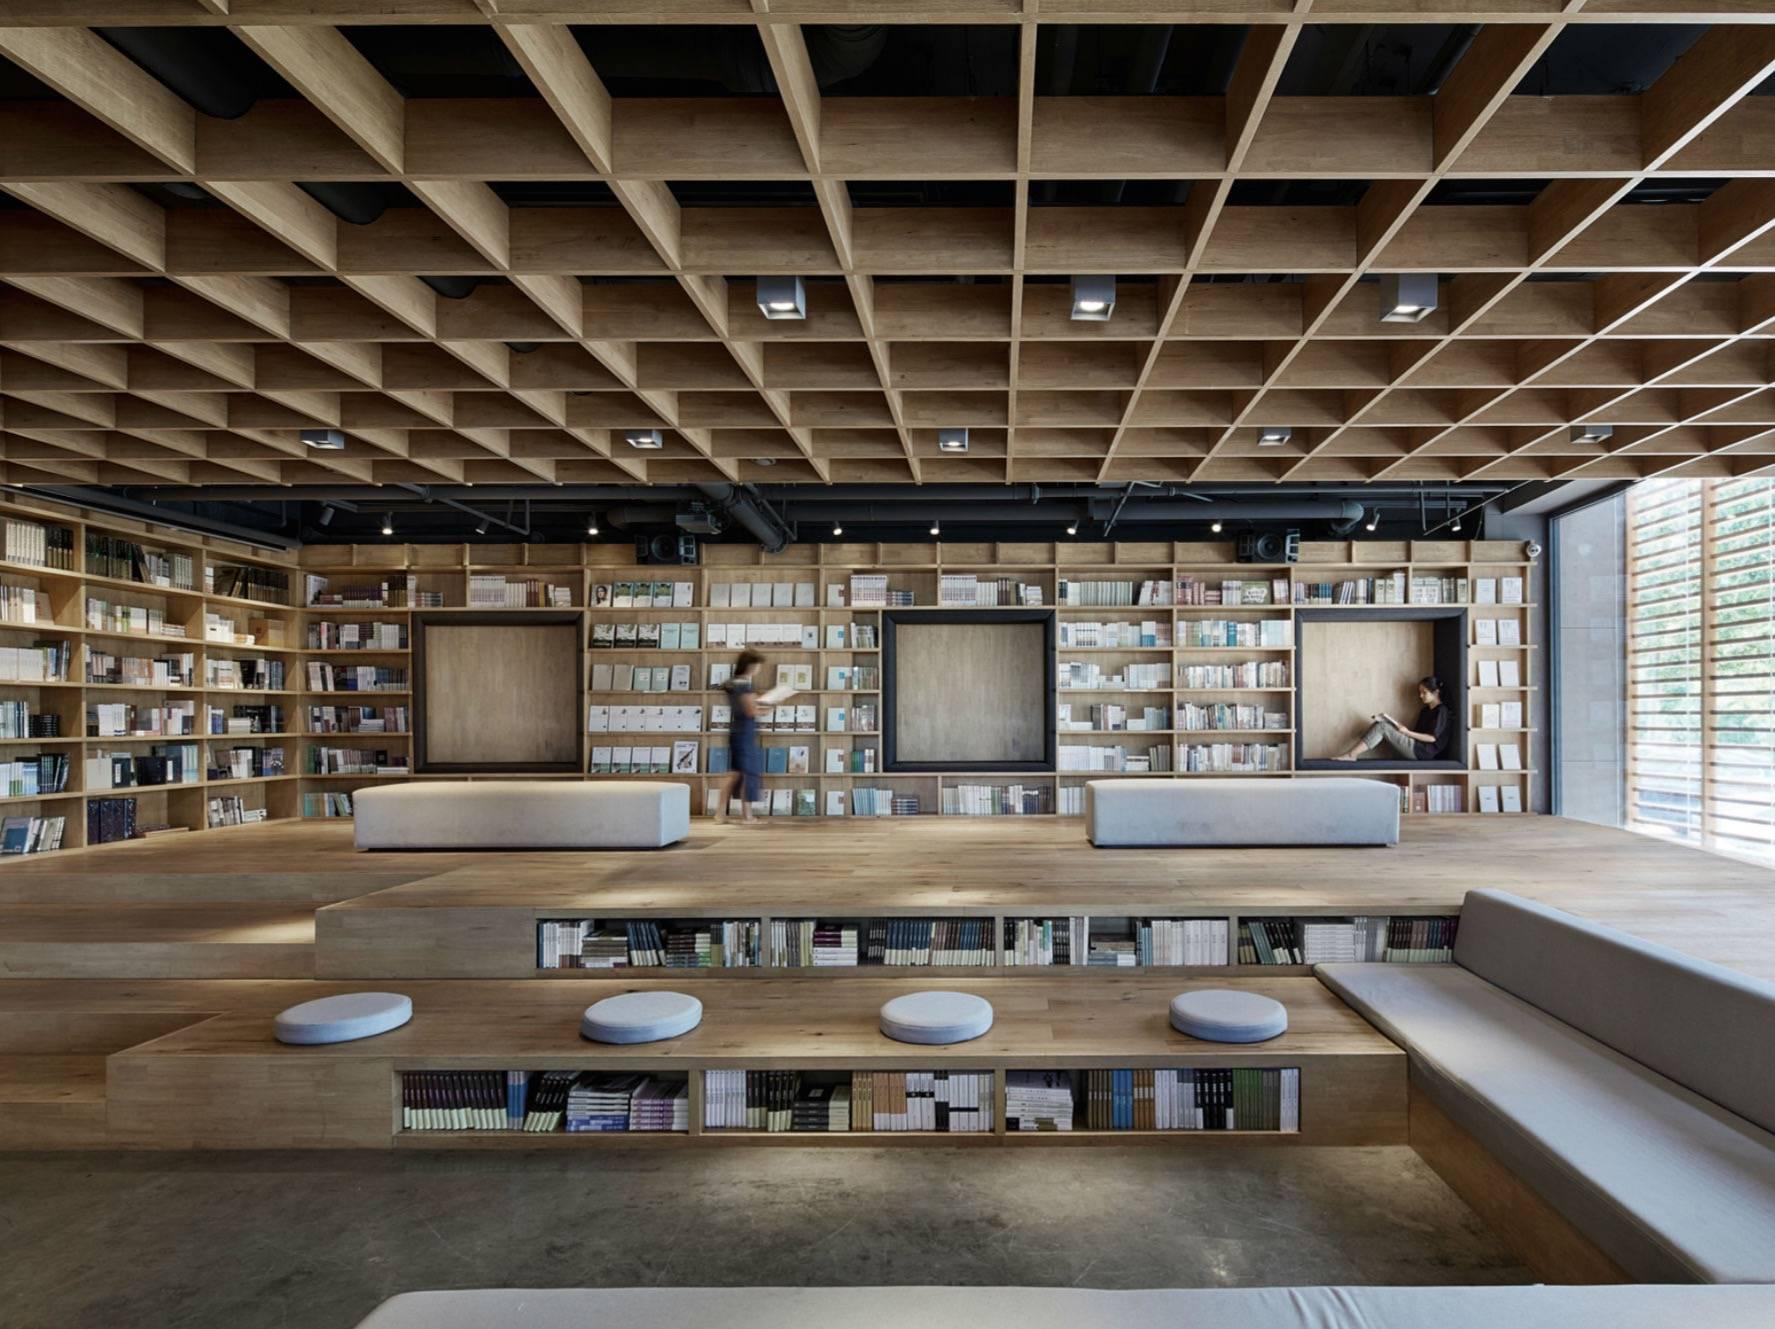 2017红点最佳设计奖出炉,103件作品中13%来自中国,获奖的有——新华书店